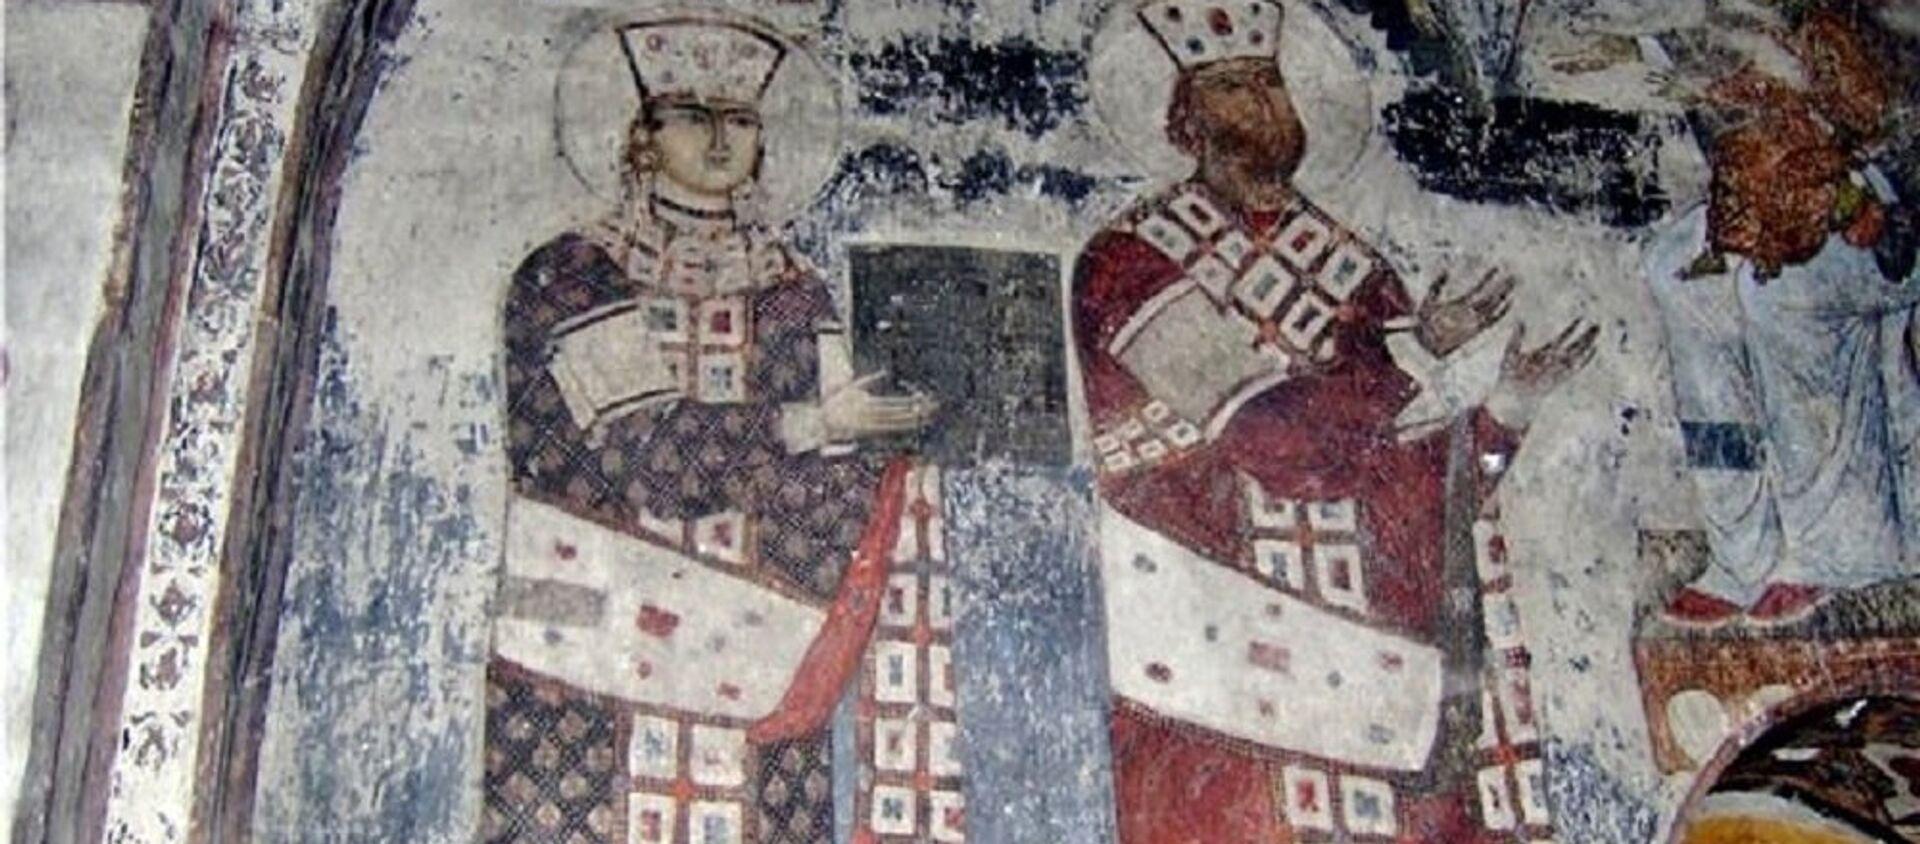 თამარ მეფე და მეფე გიორგი მესამე. ვარძია, ღვთისმშობლის მიძინების ეკლესია - Sputnik საქართველო, 1920, 30.06.2021